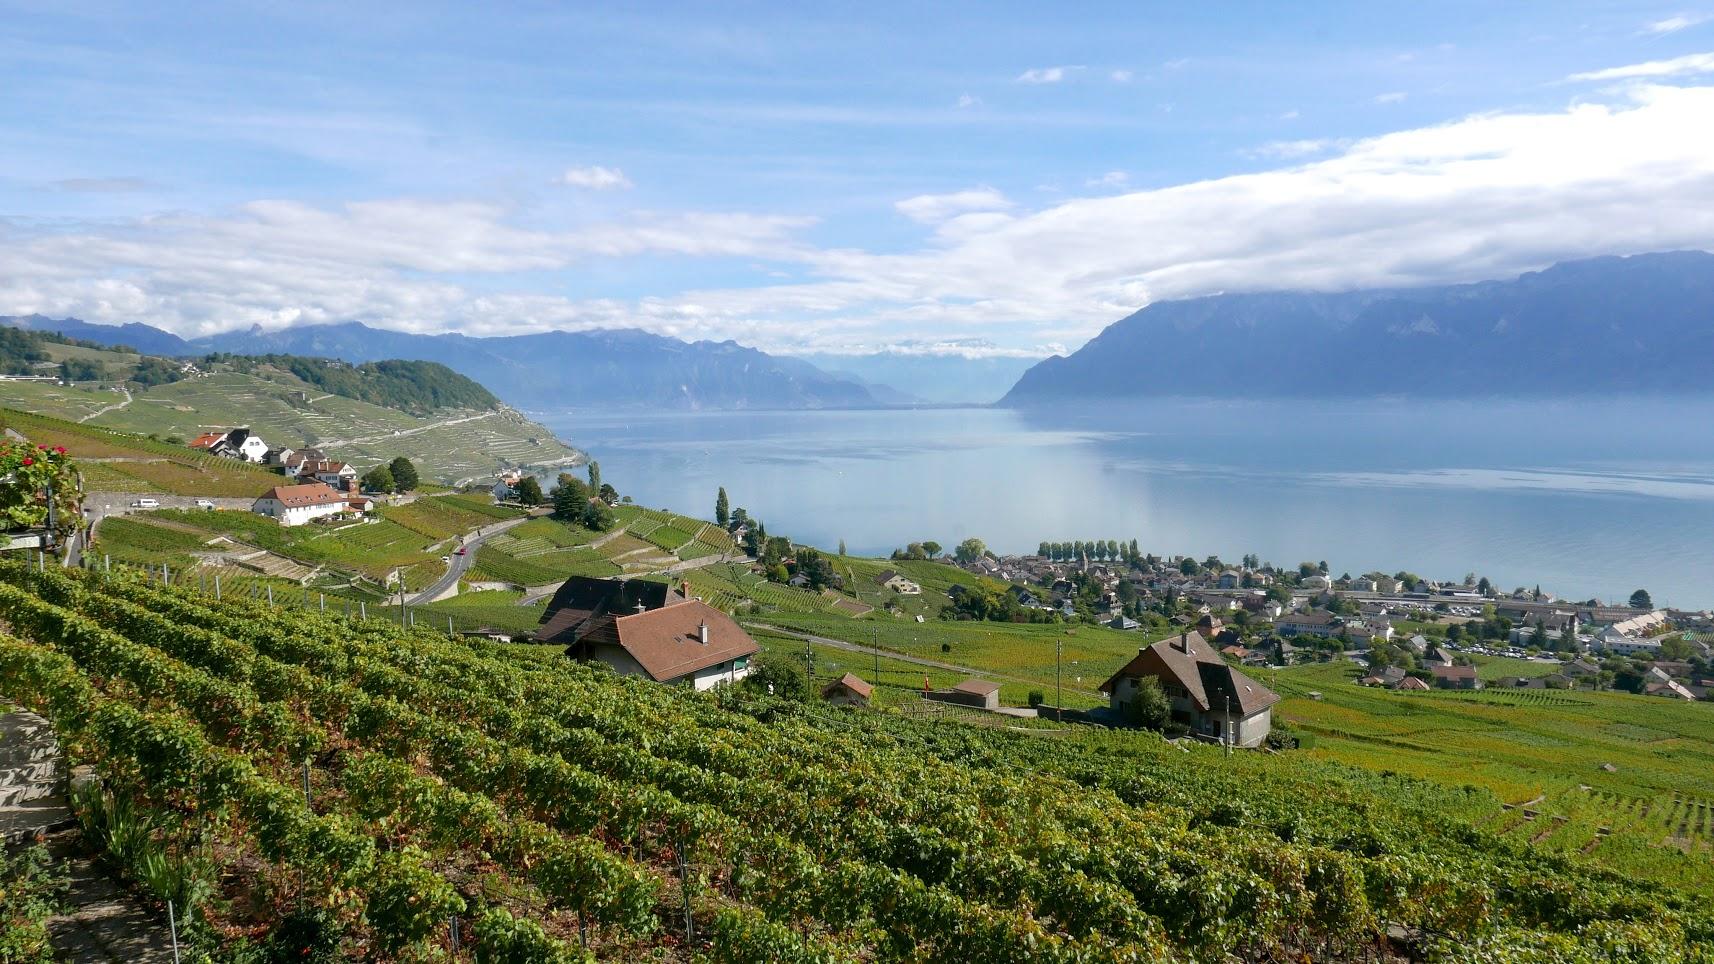 Domaine Blondel Weingut Winzer Weinbauern Vignerons Lavaux